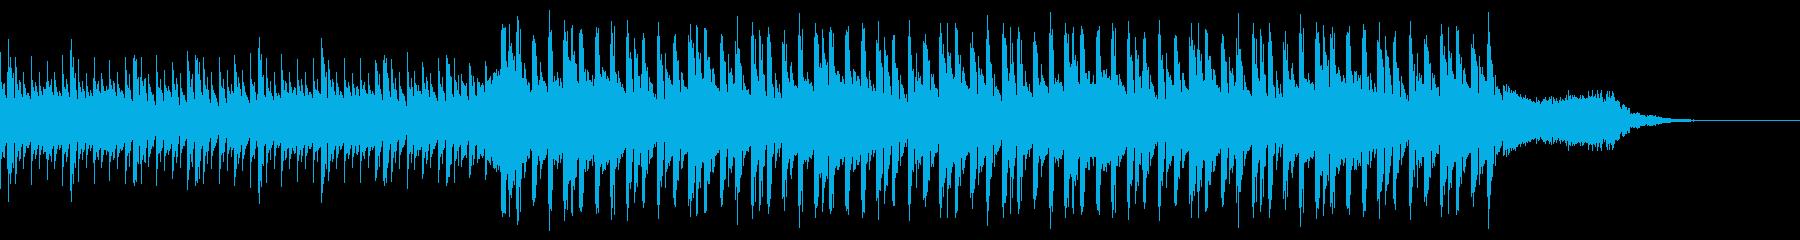 コーポレートテクスチャ―17の再生済みの波形